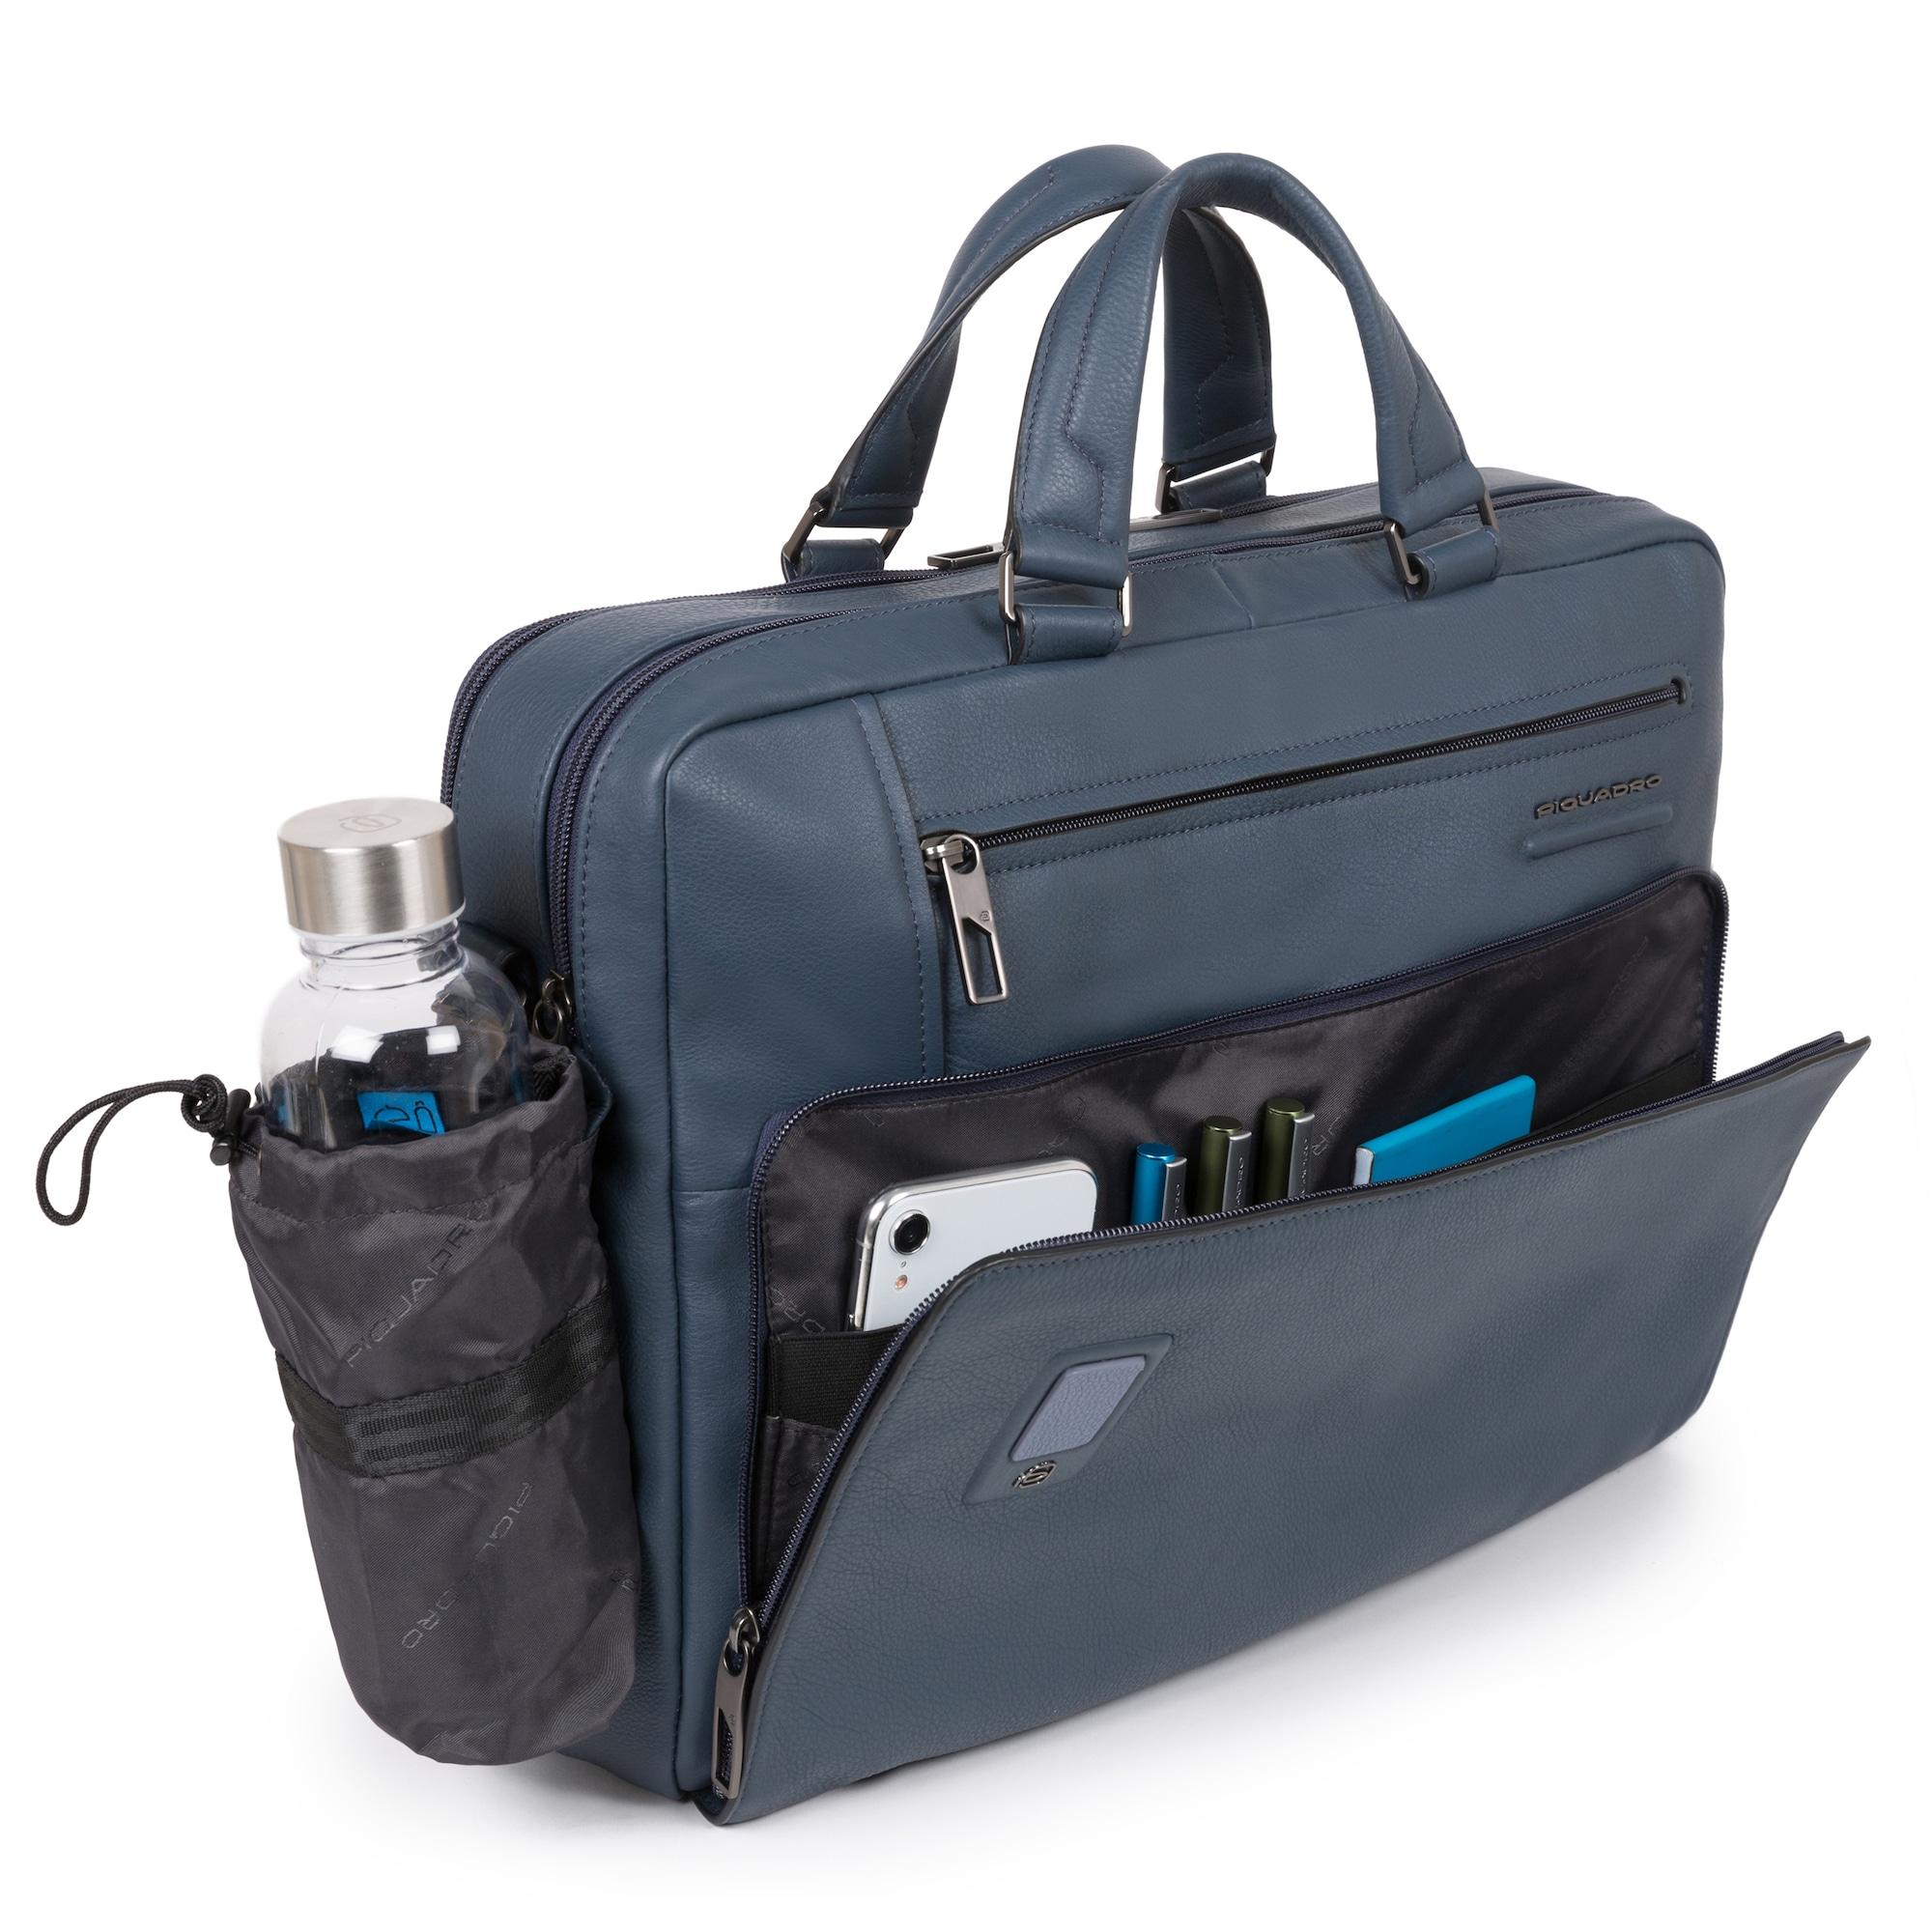 piquadro - Laptoptasche 'Akron' Leder 43 cm Laptopfach